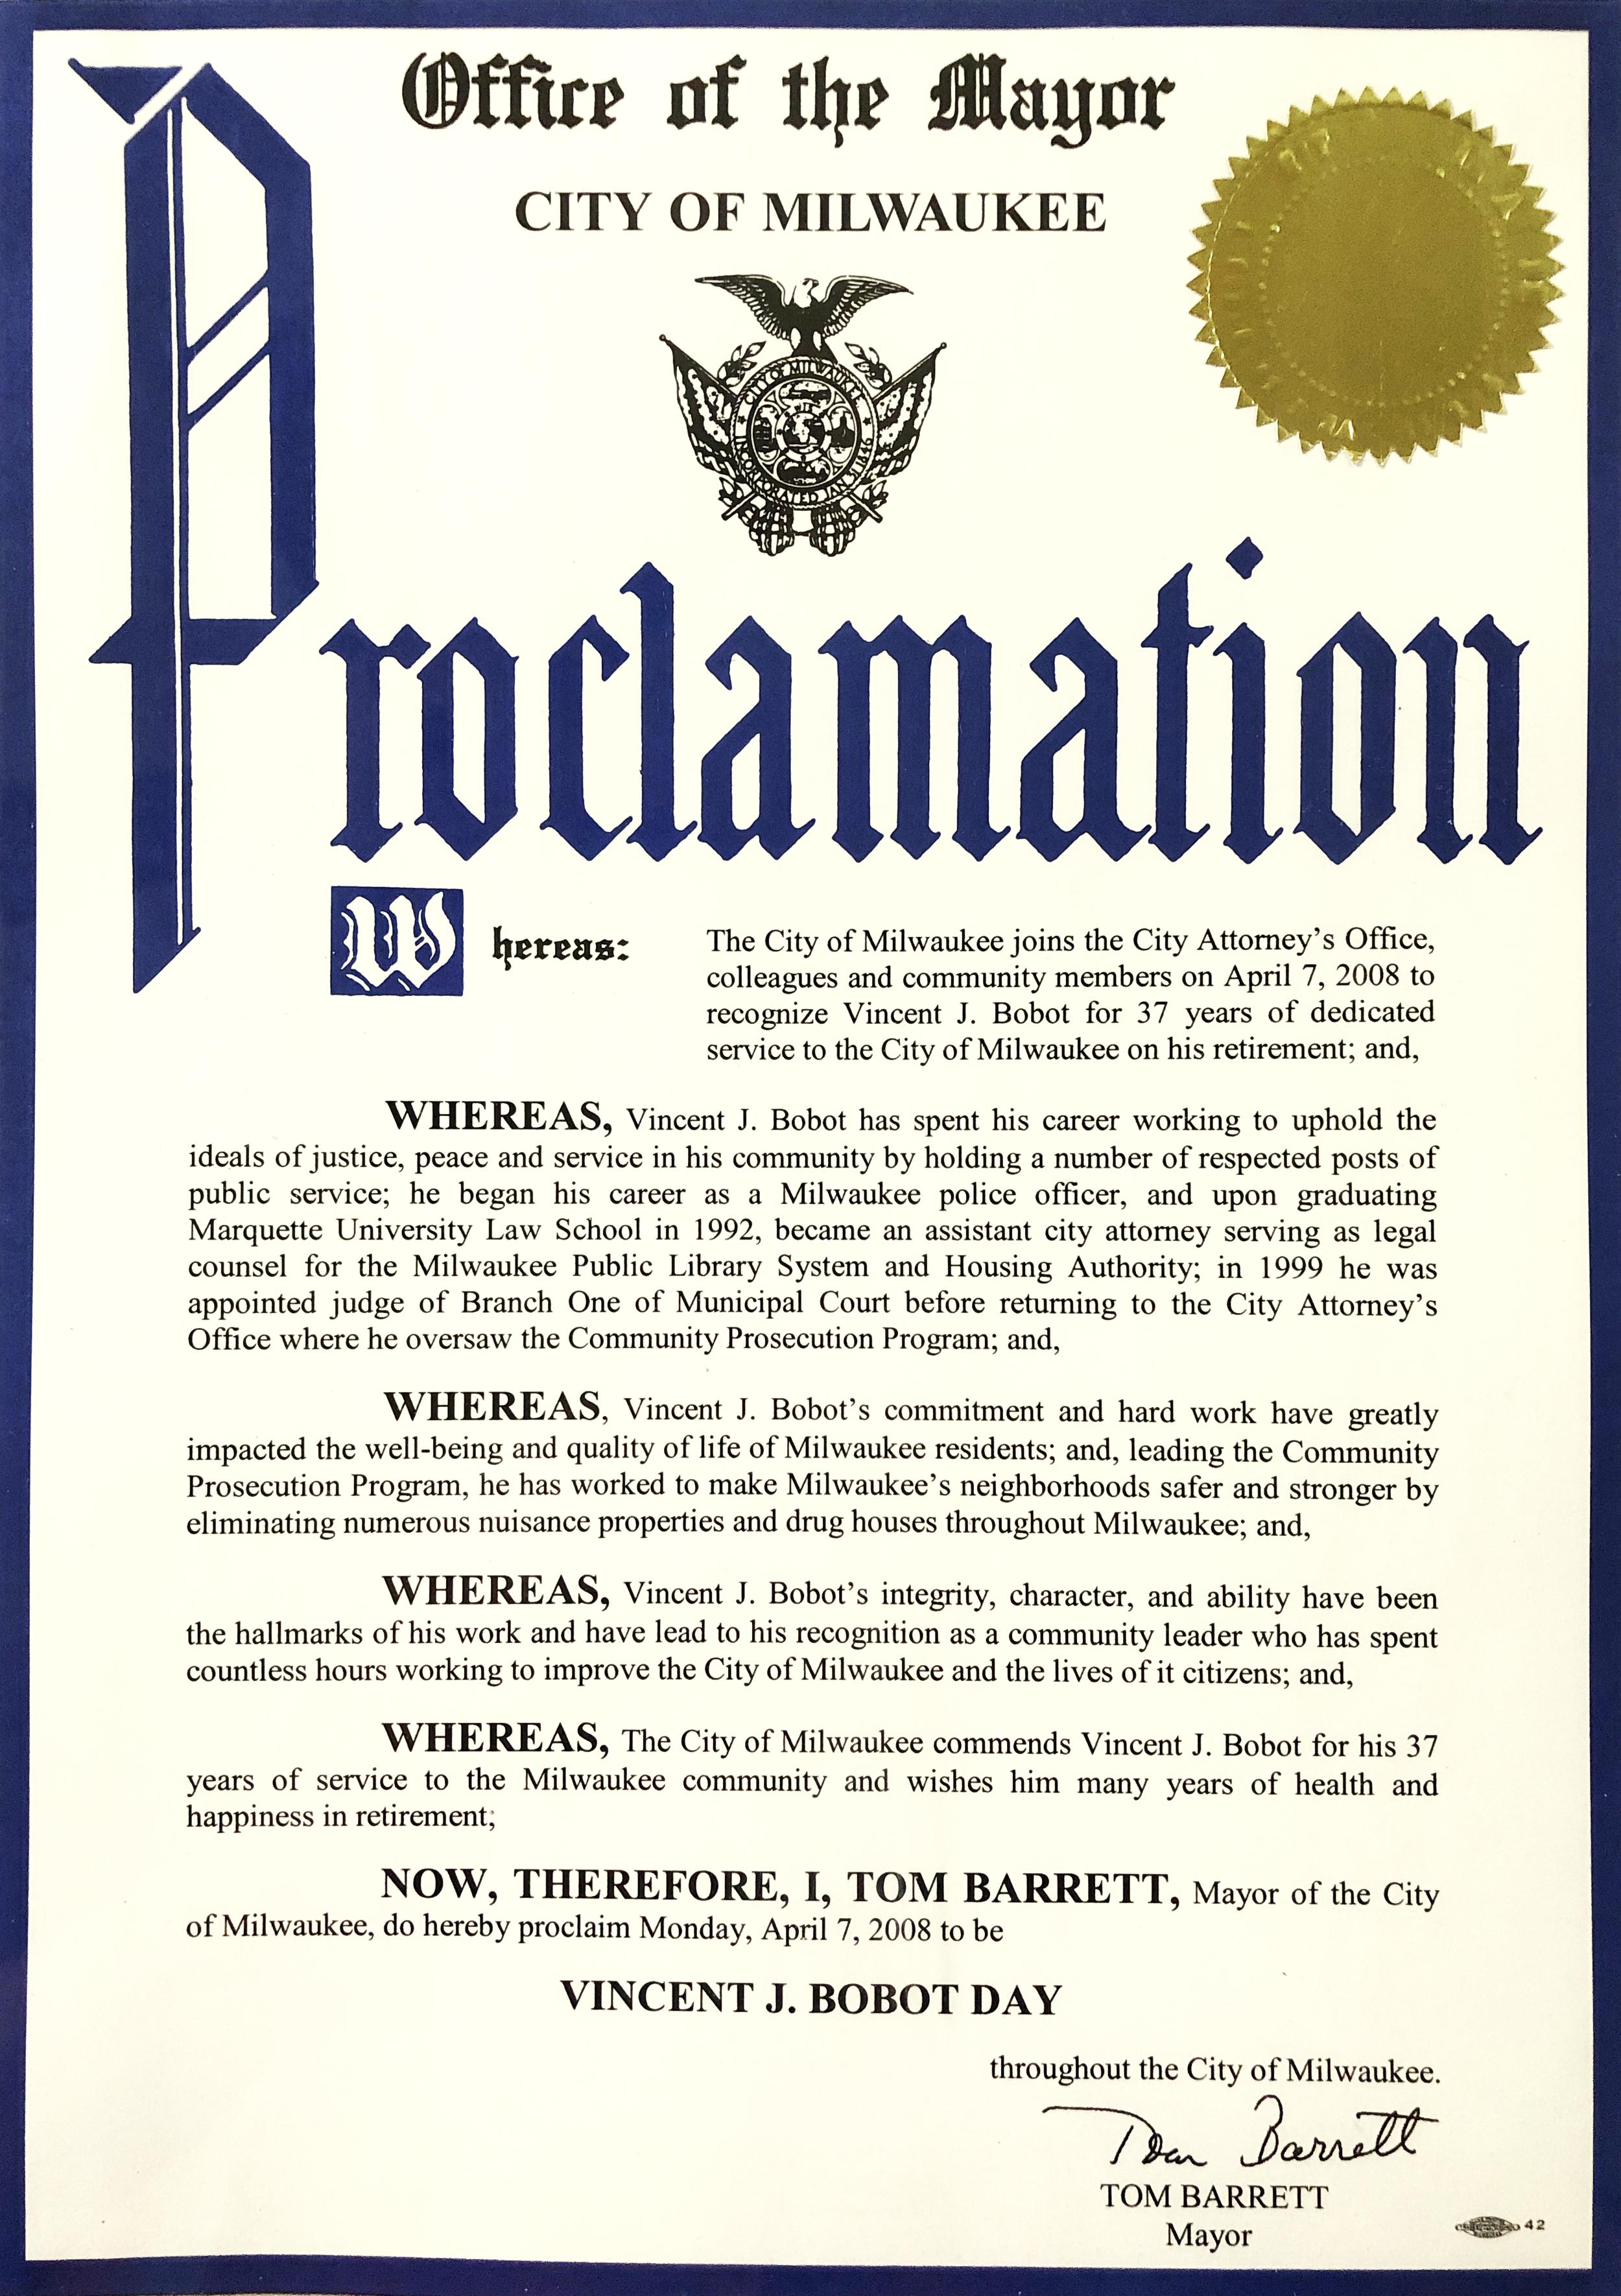 Proclamation of Vince Bobot Day, April 7, 2008